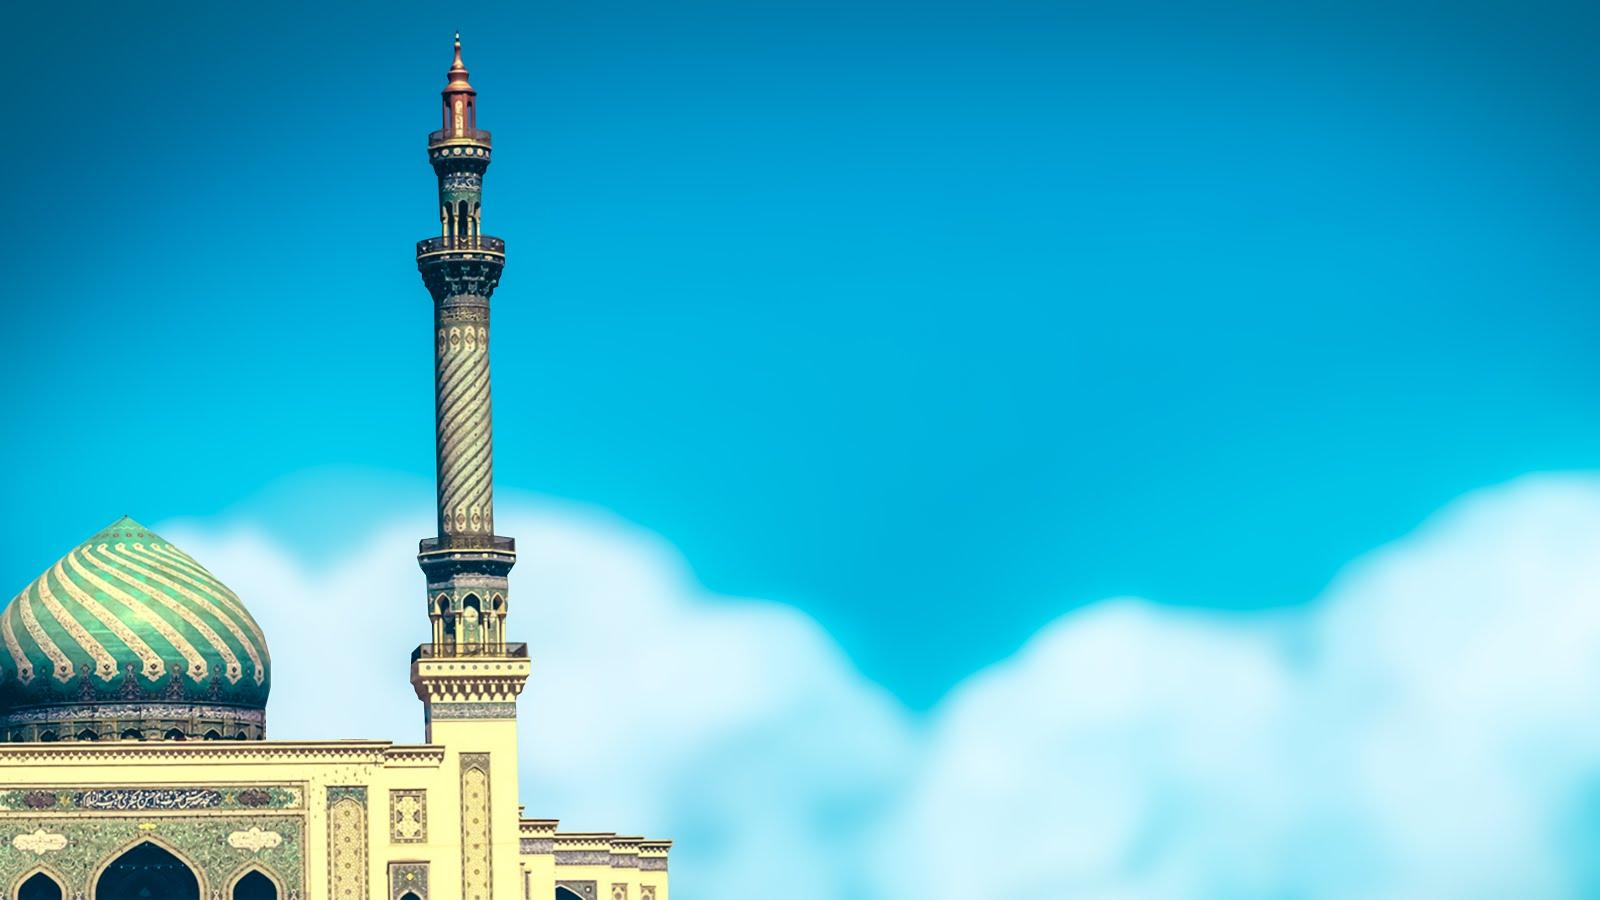 masjid%2Bwallpaper%2Bhd